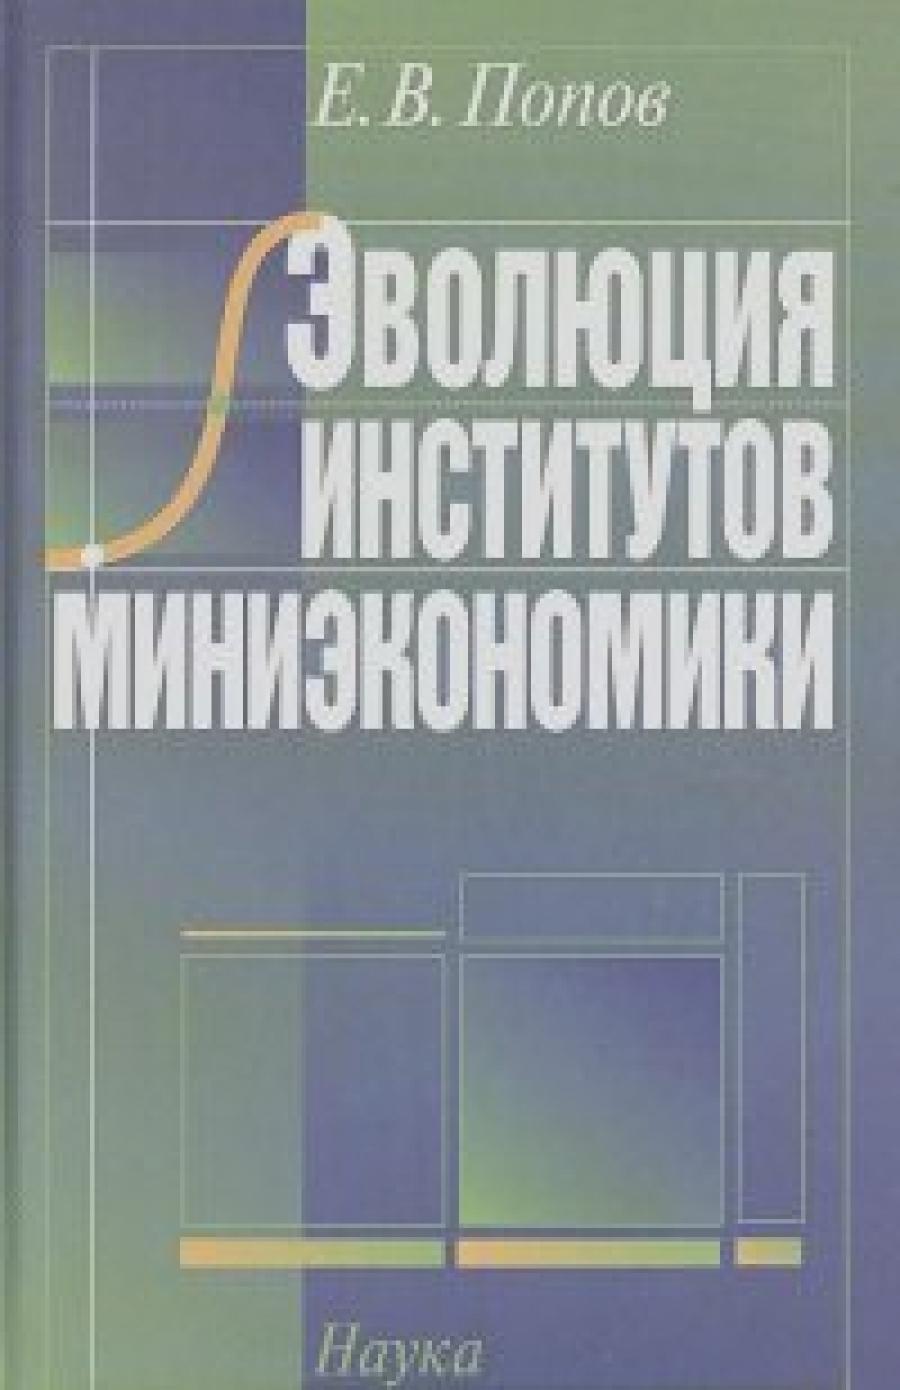 Обложка книги:  попов е.в. - эволюция институтов миниэкономики